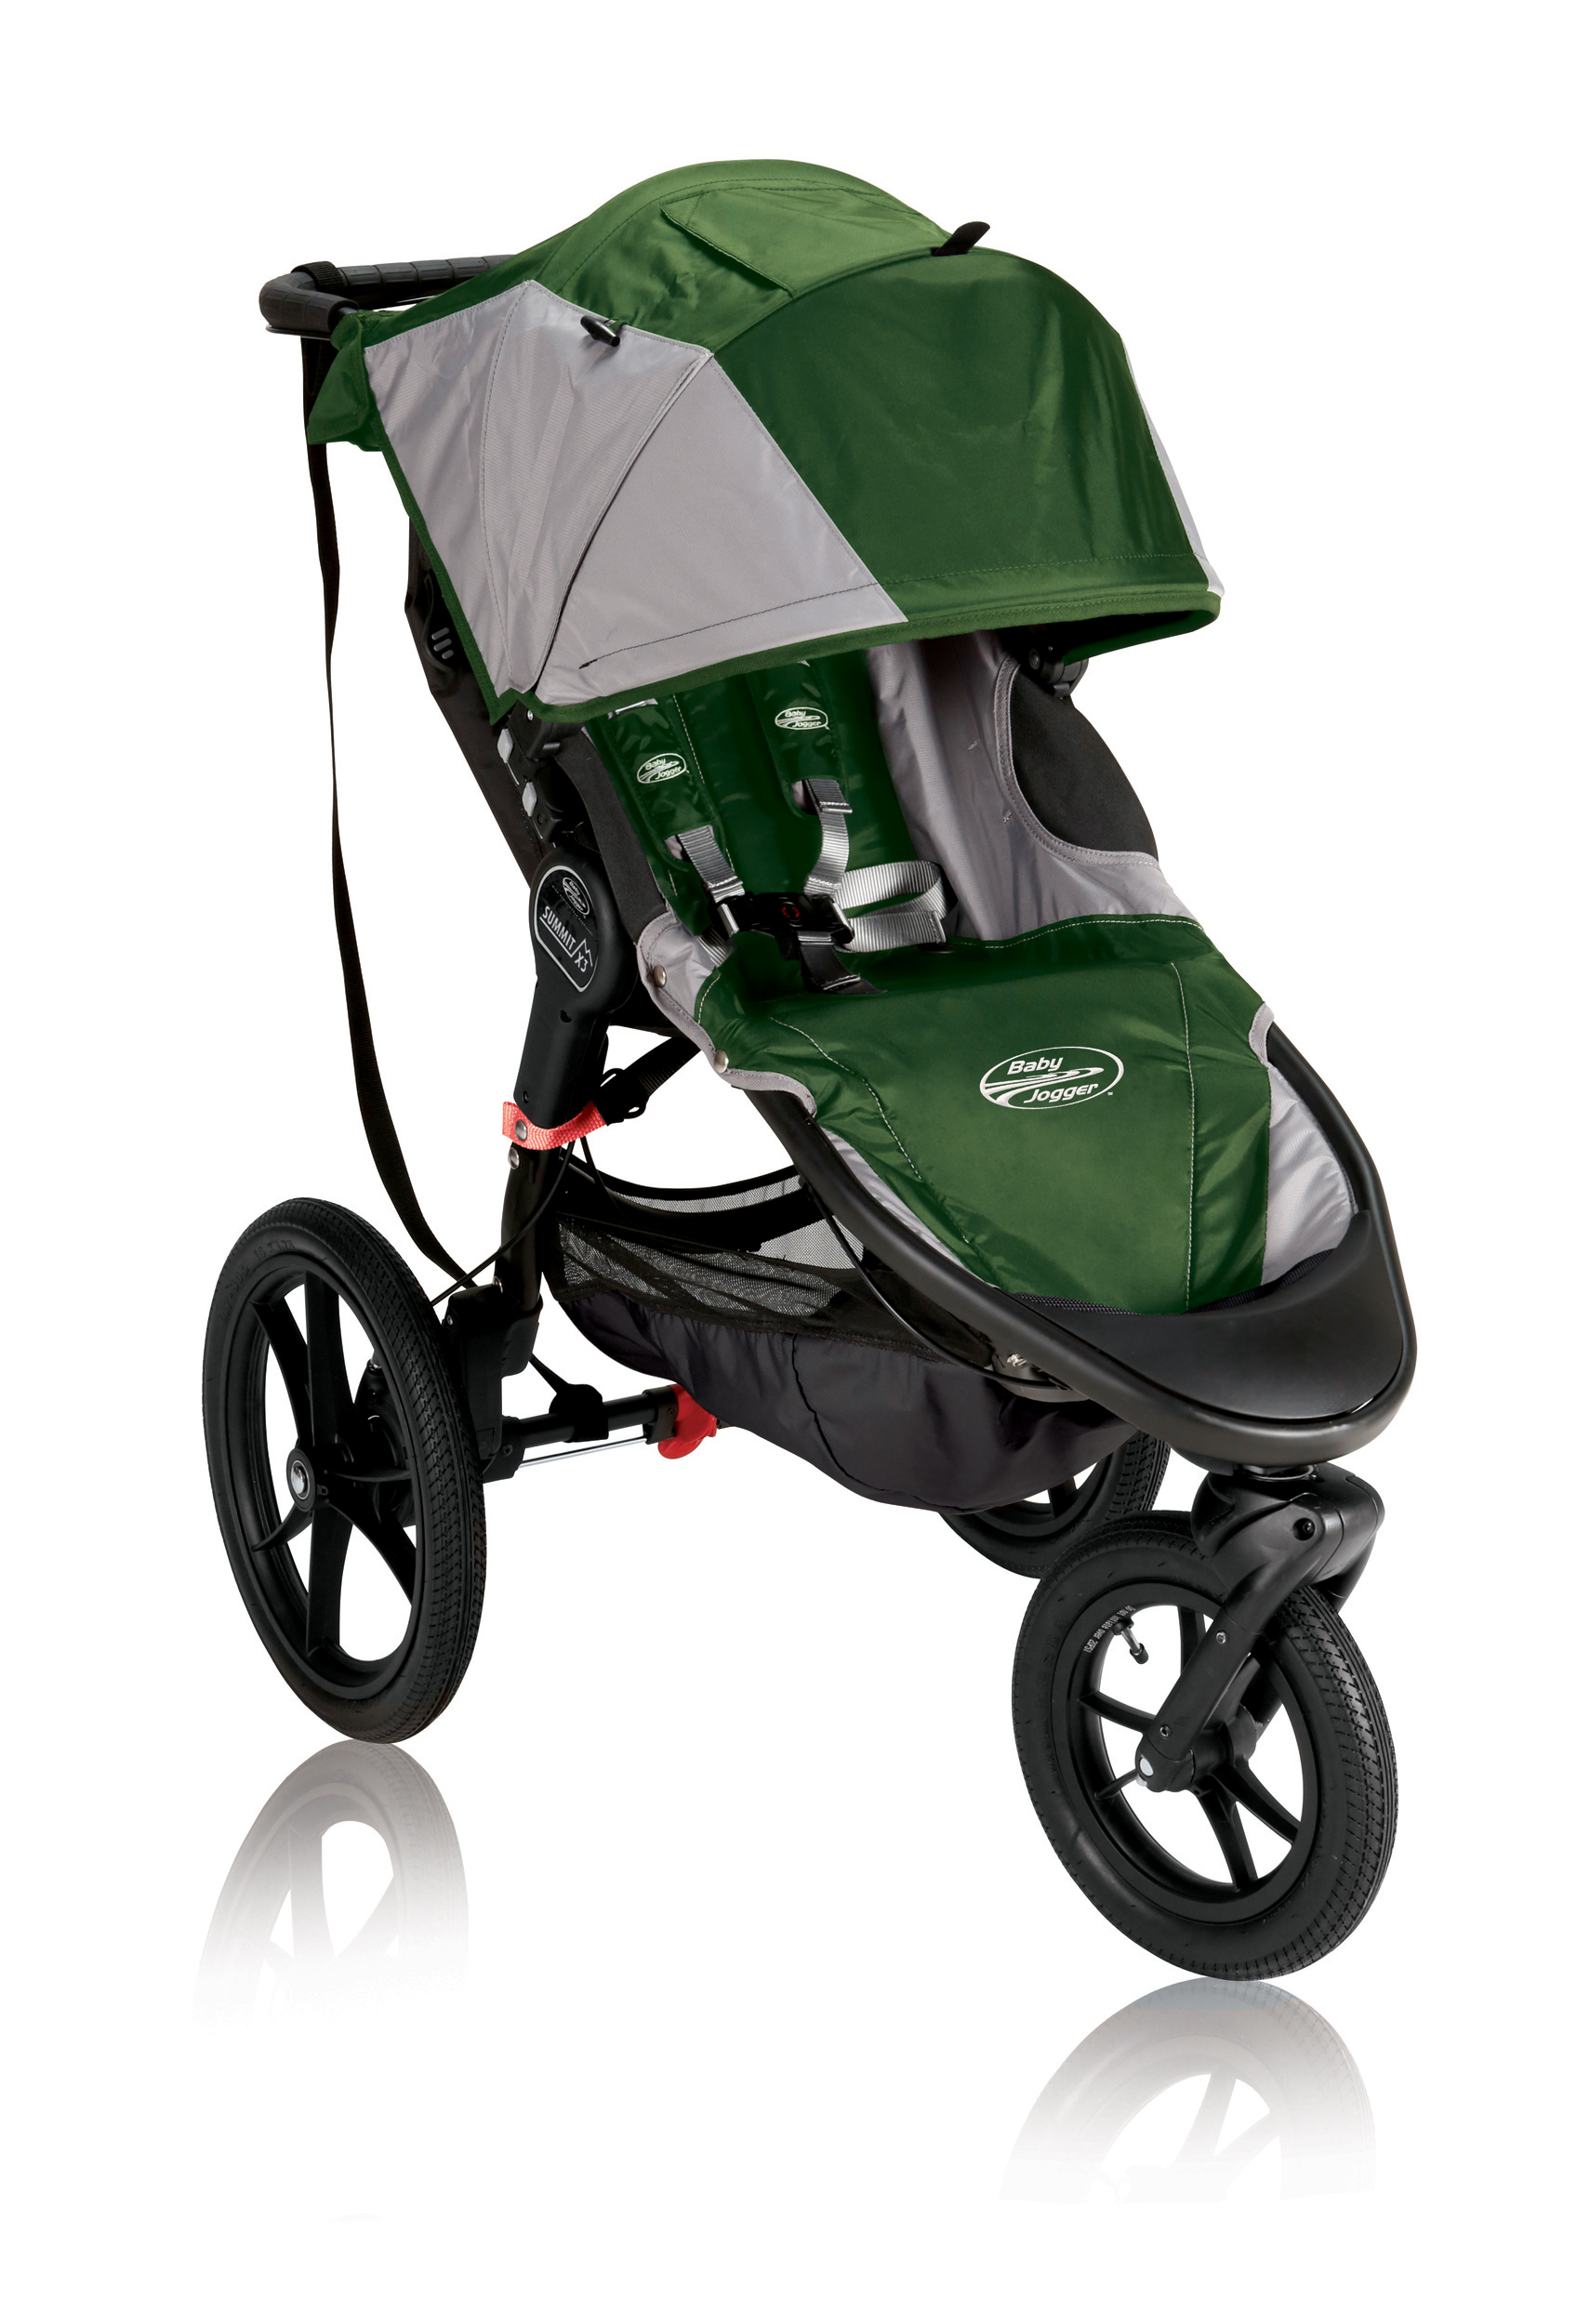 Baby Jogger Коляска беговая Summit X3 цвет зеленый серый - Коляски и аксессуары